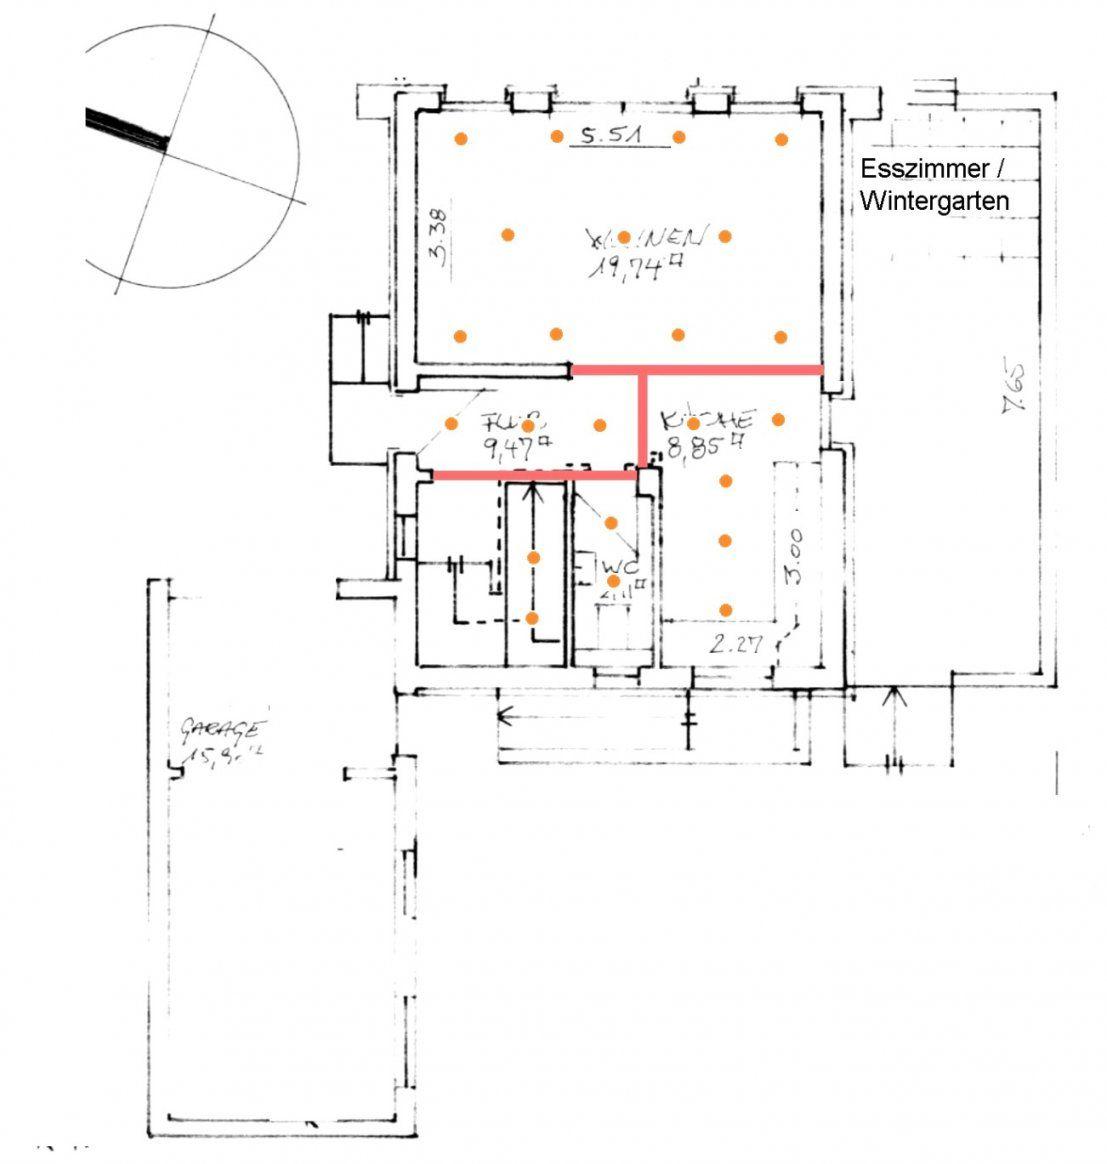 Led Einbaustrahler Abstand Küche Deckenspots Aufteilung Küche